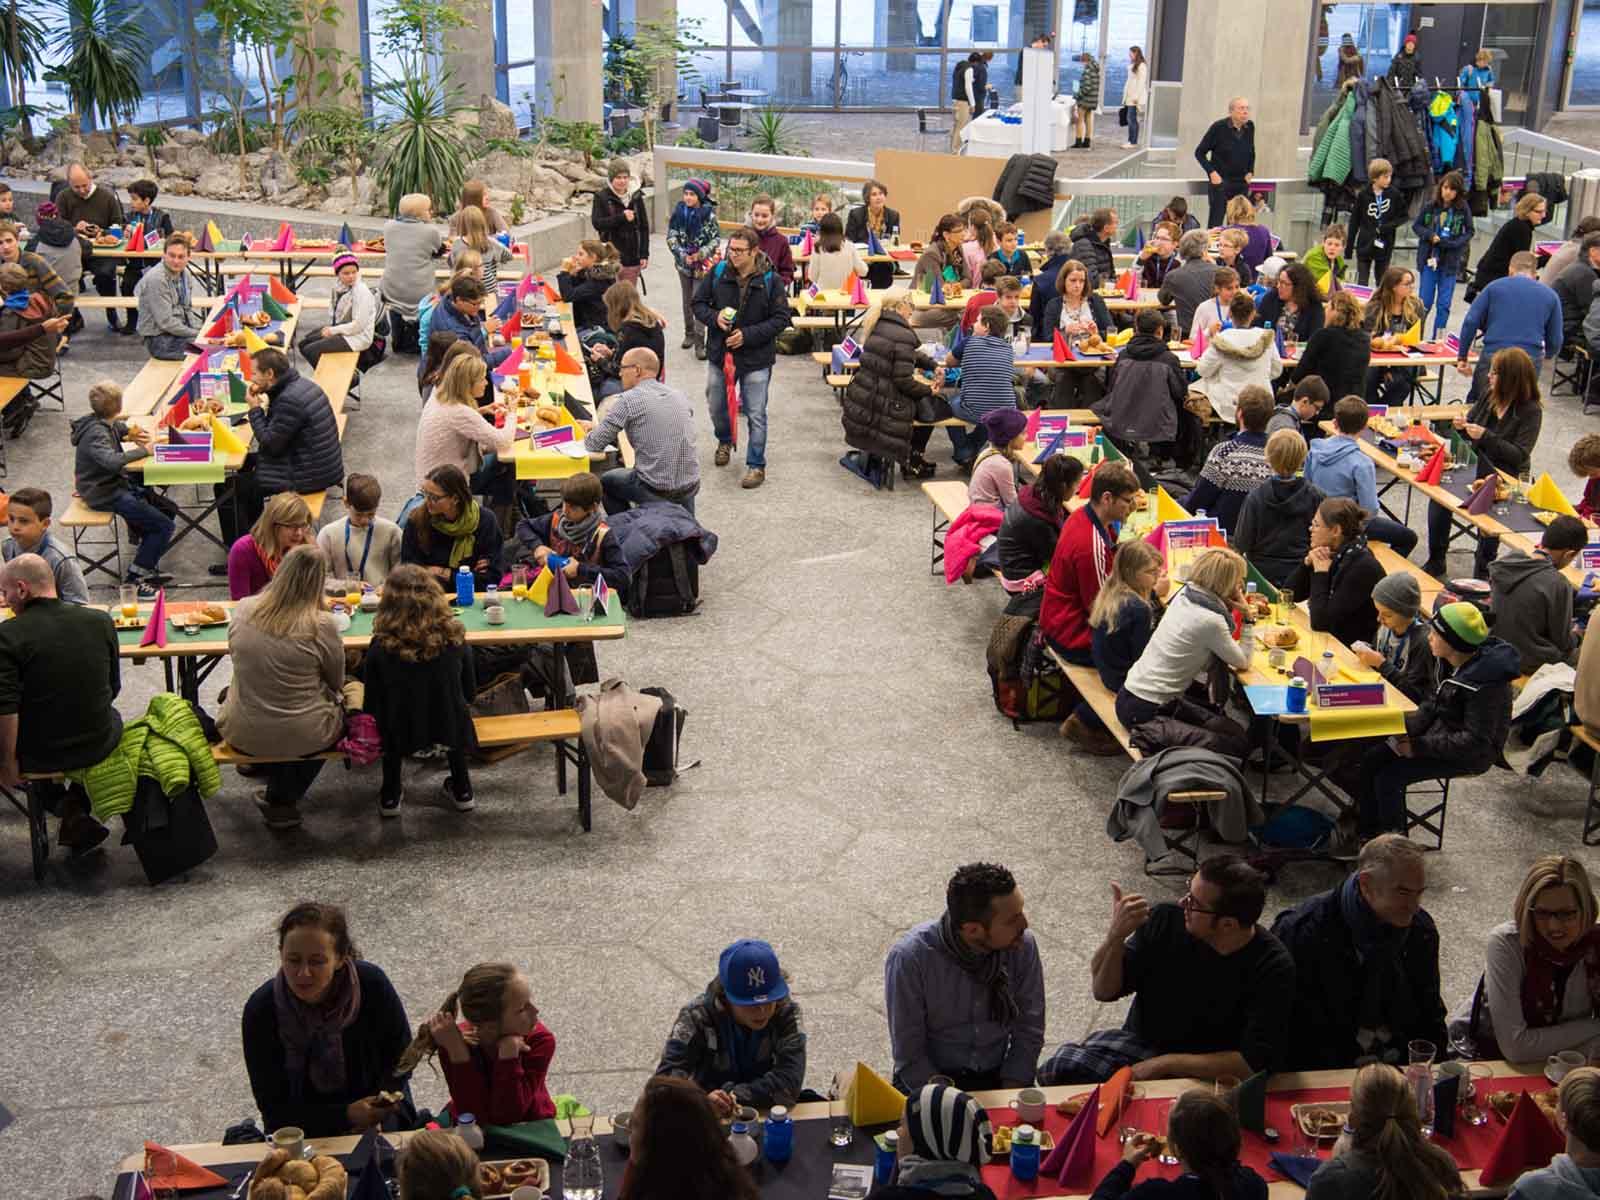 300 Schüler*innen werden im Foyer empfangen.